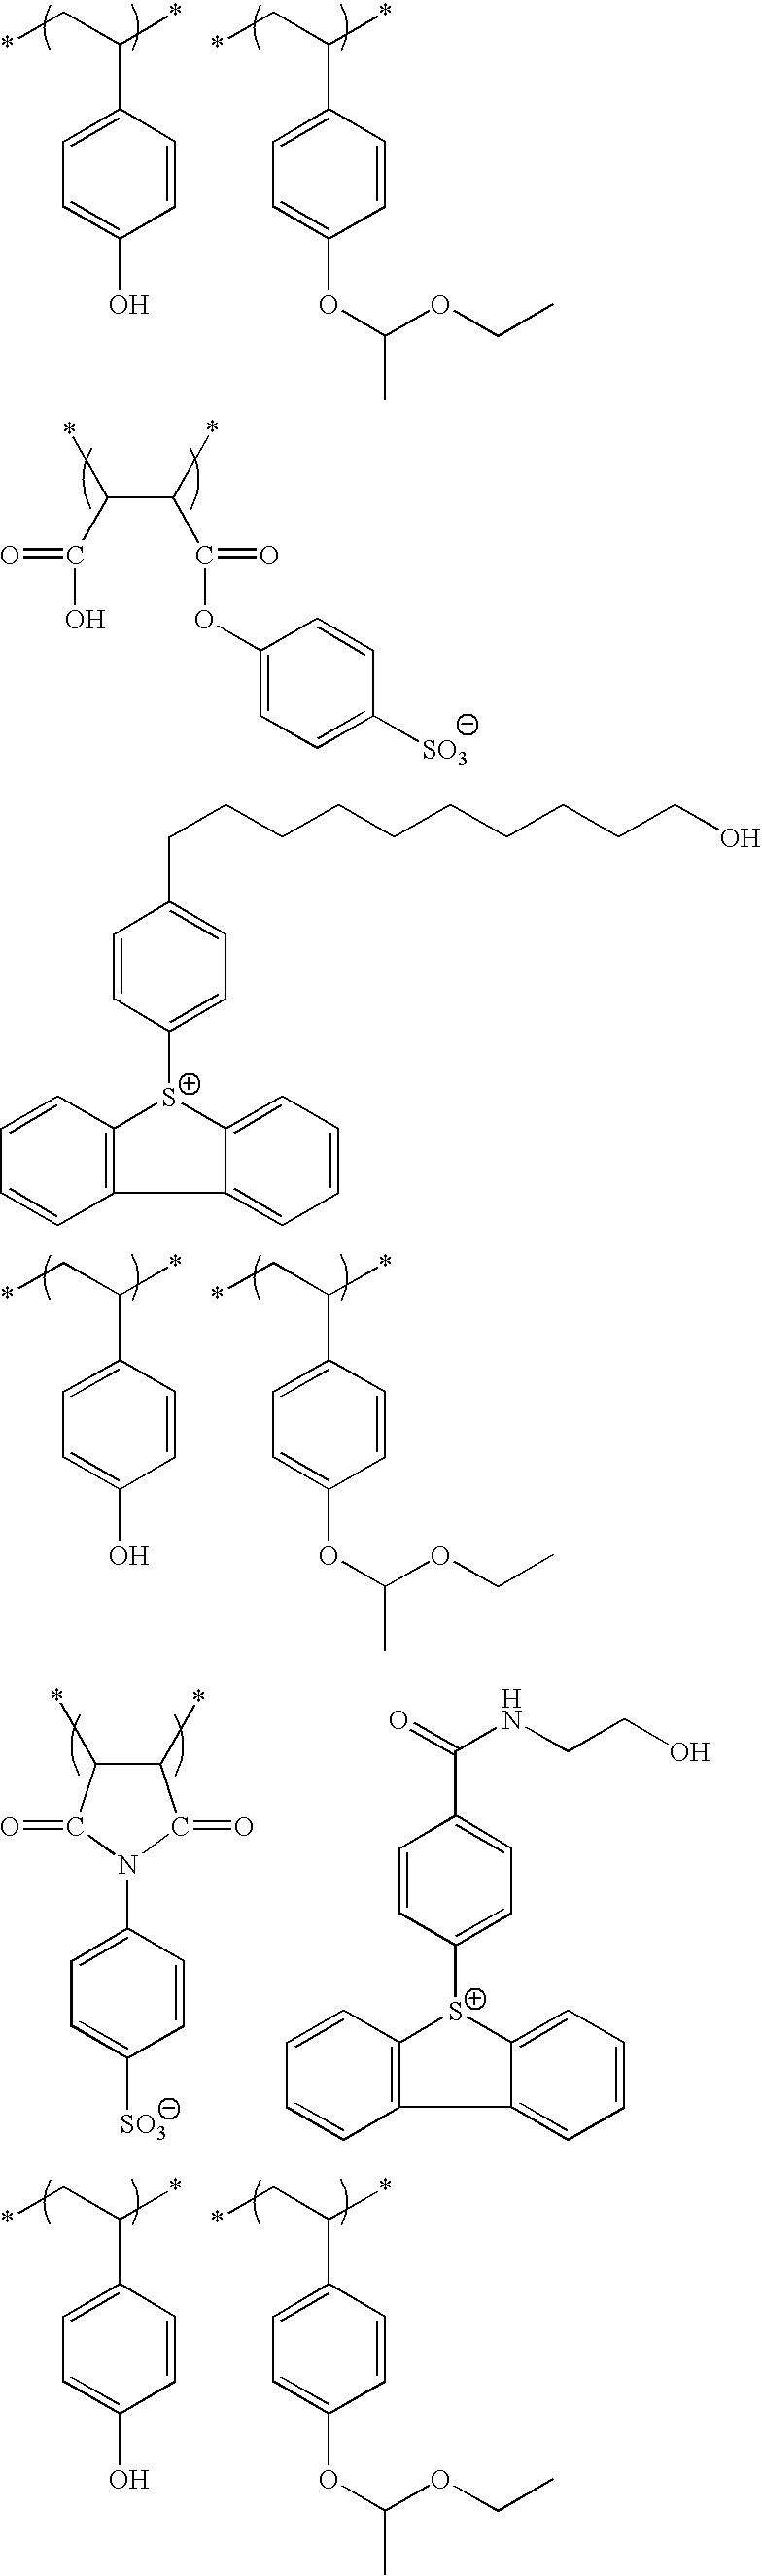 Figure US08852845-20141007-C00148